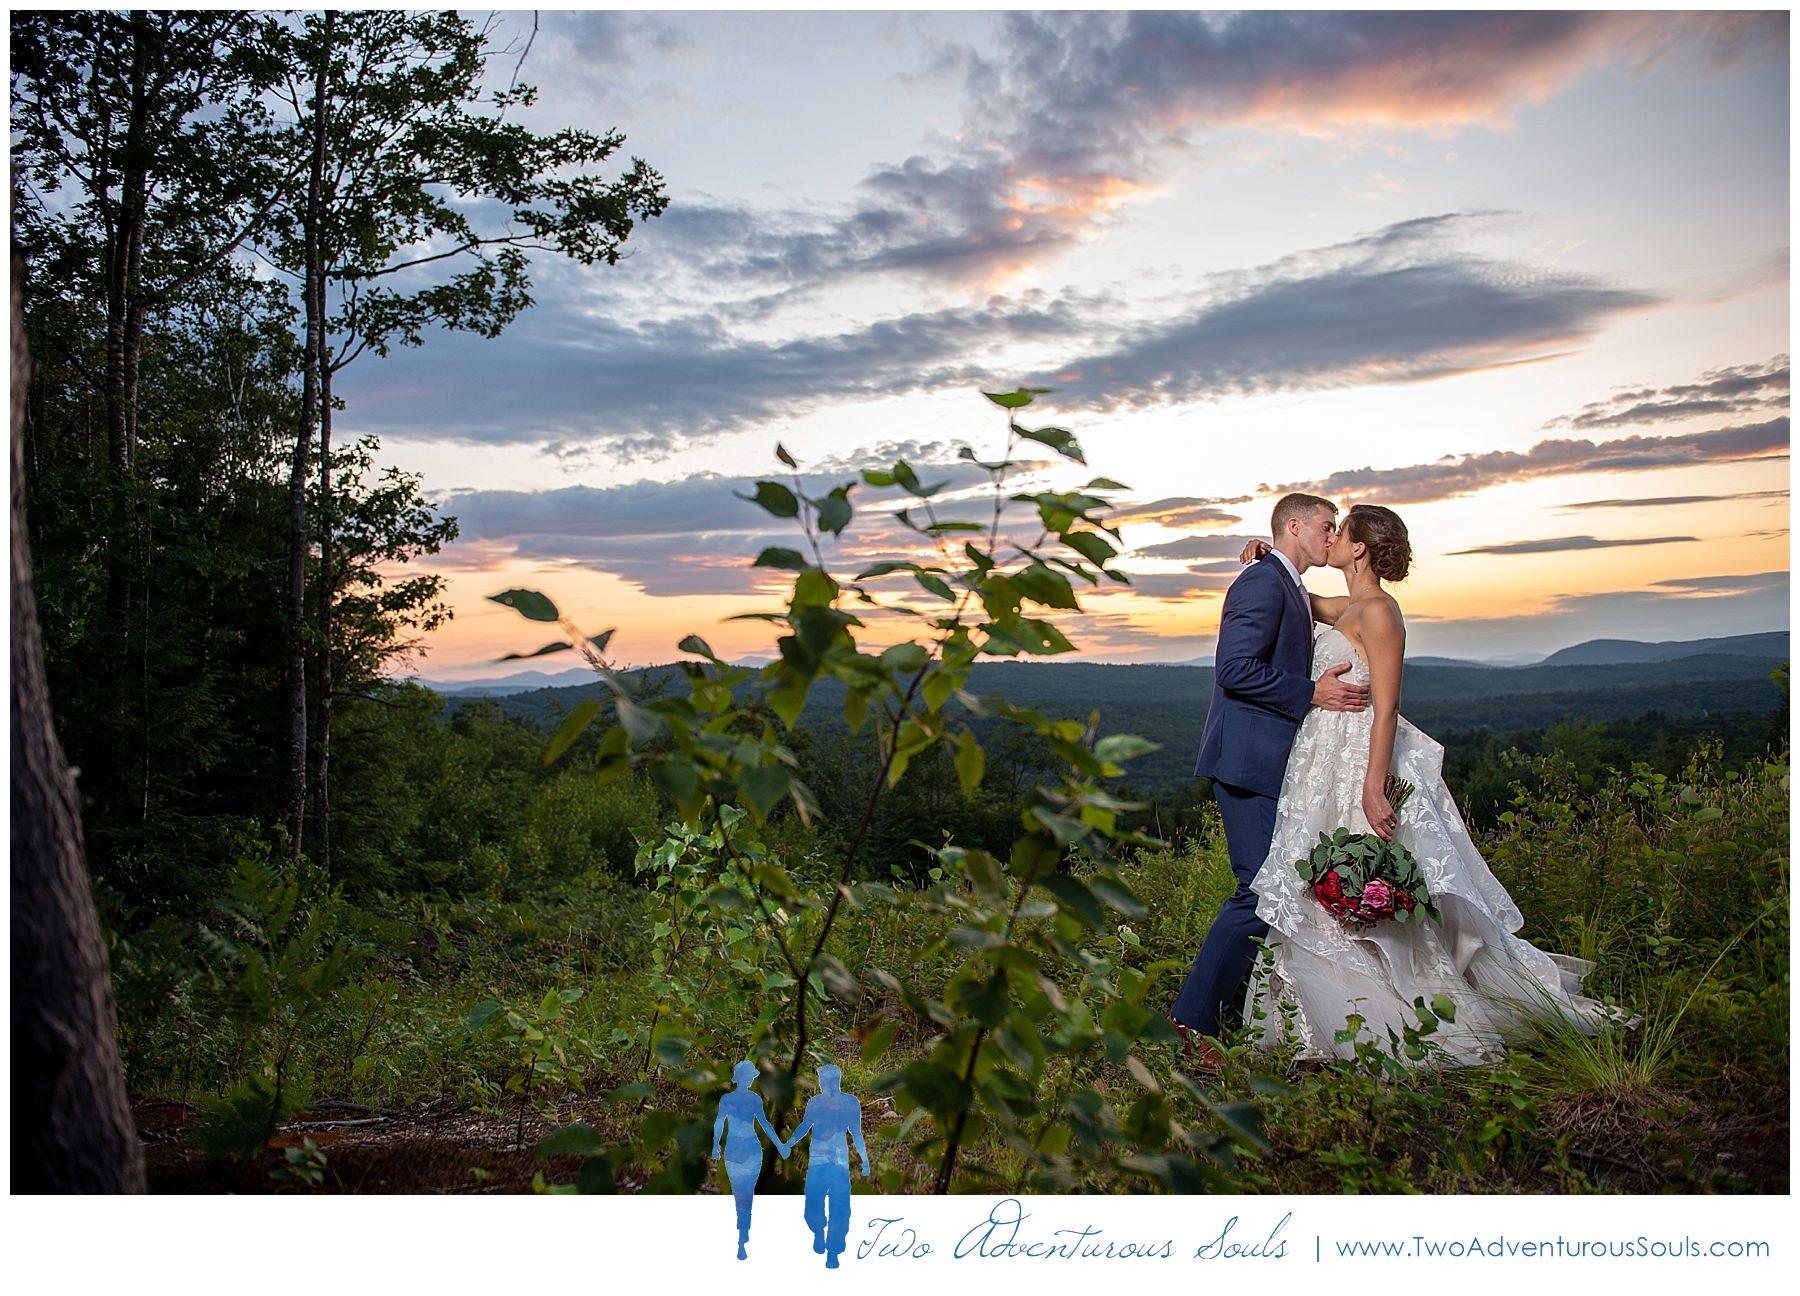 Maine Wedding Photographers, Granite Ridge Estate Wedding Photographers, Two Adventurous Souls - 080319_0068.jpg